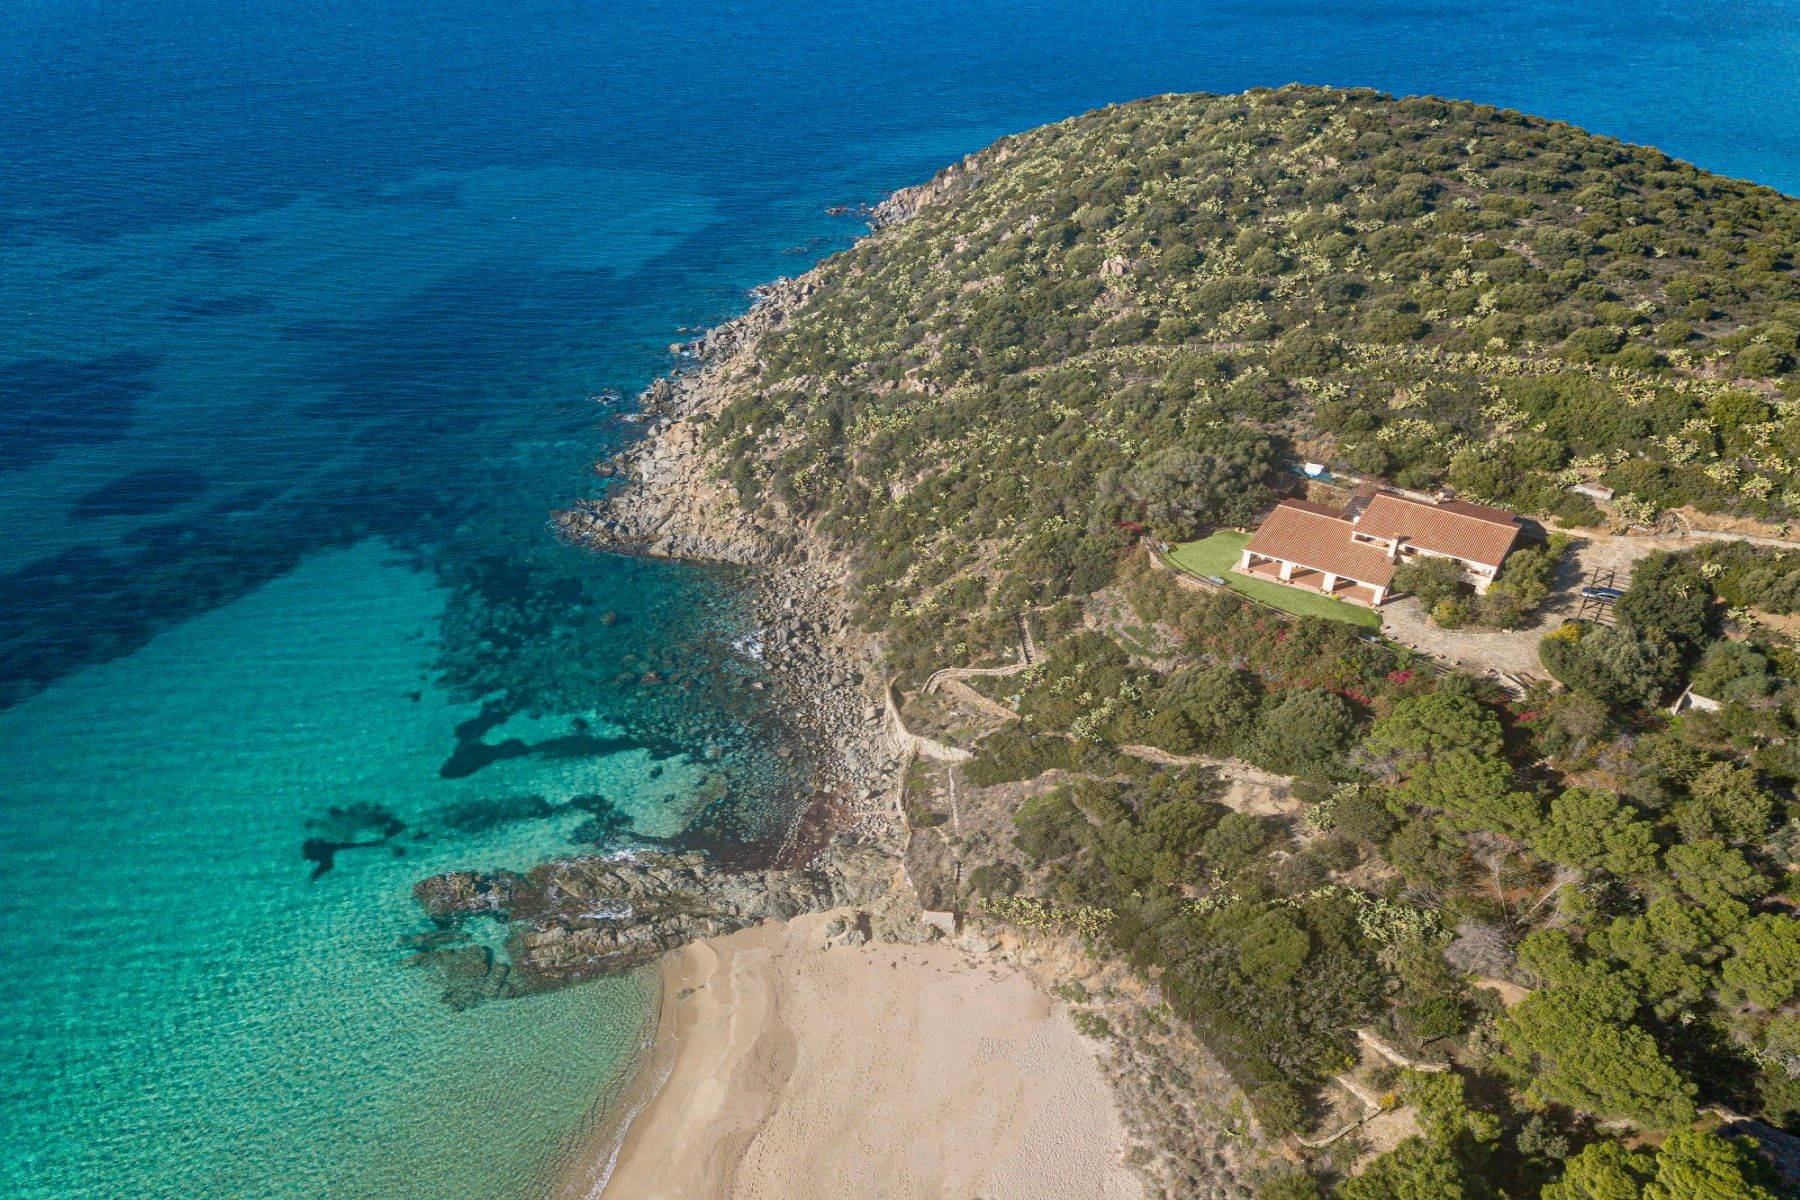 Villa in Vendita a Quartu Sant'Elena: 5 locali, 650 mq - Foto 2